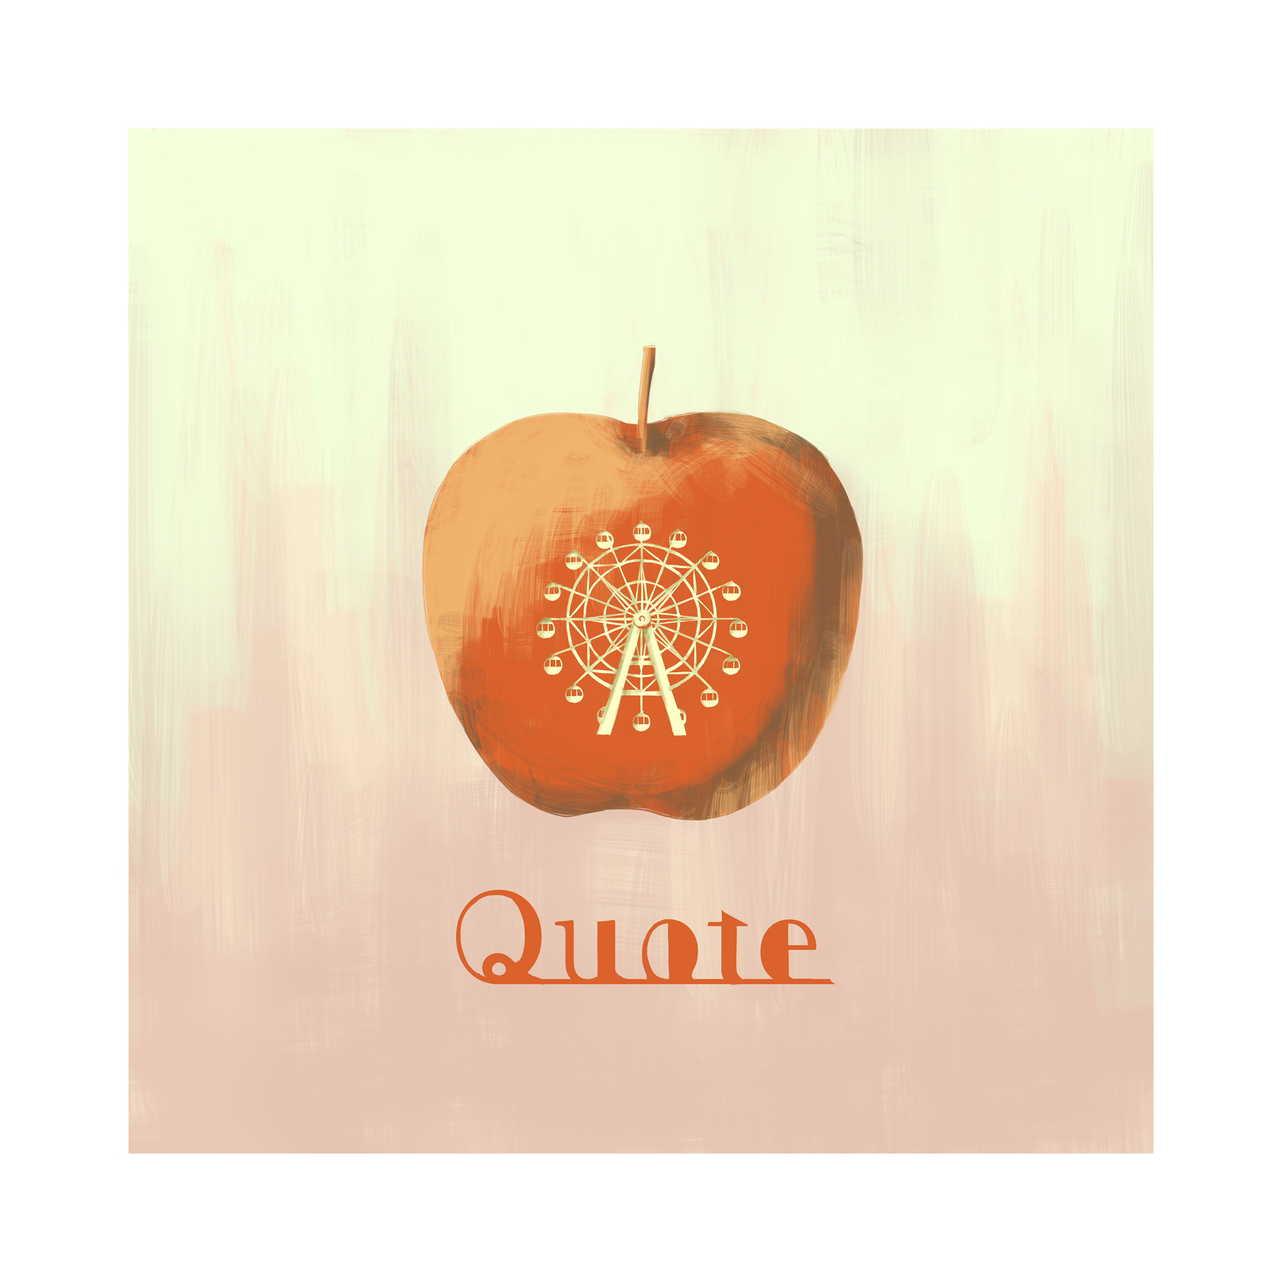 アルバム『Quote』